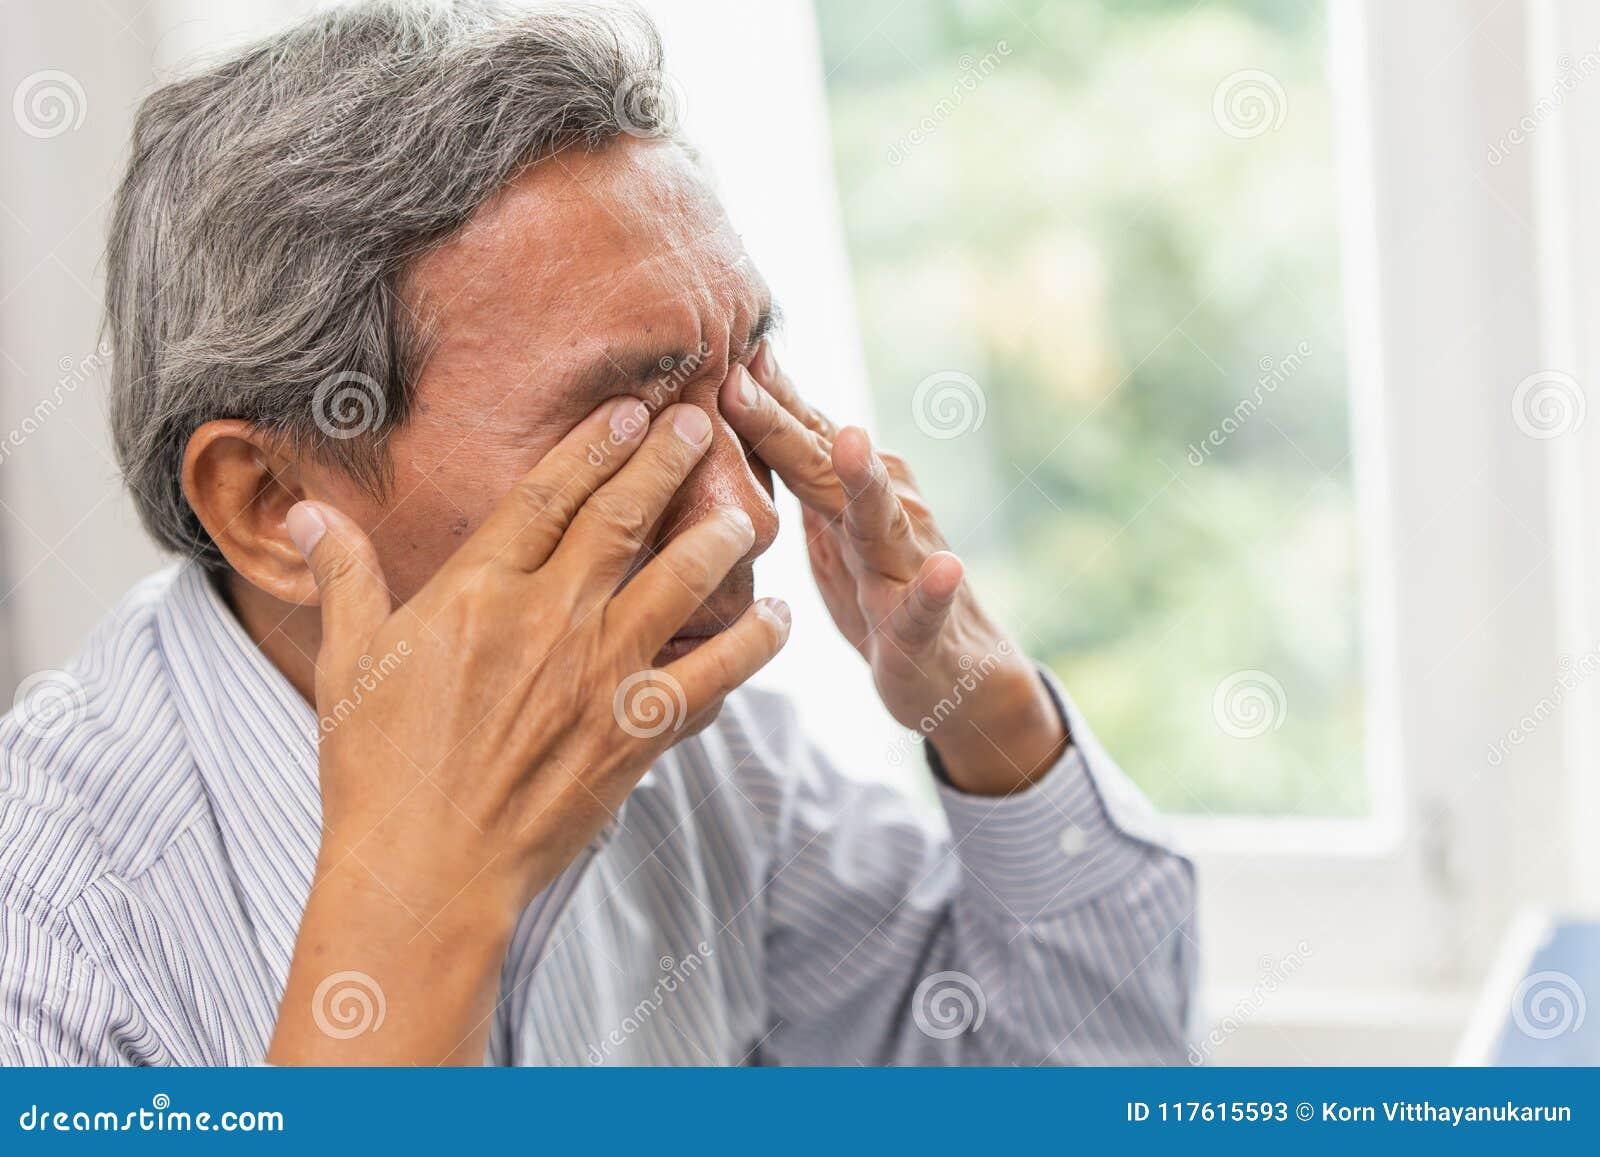 年长疲倦自已眼睛安慰性的按摩从激怒问题疲劳和